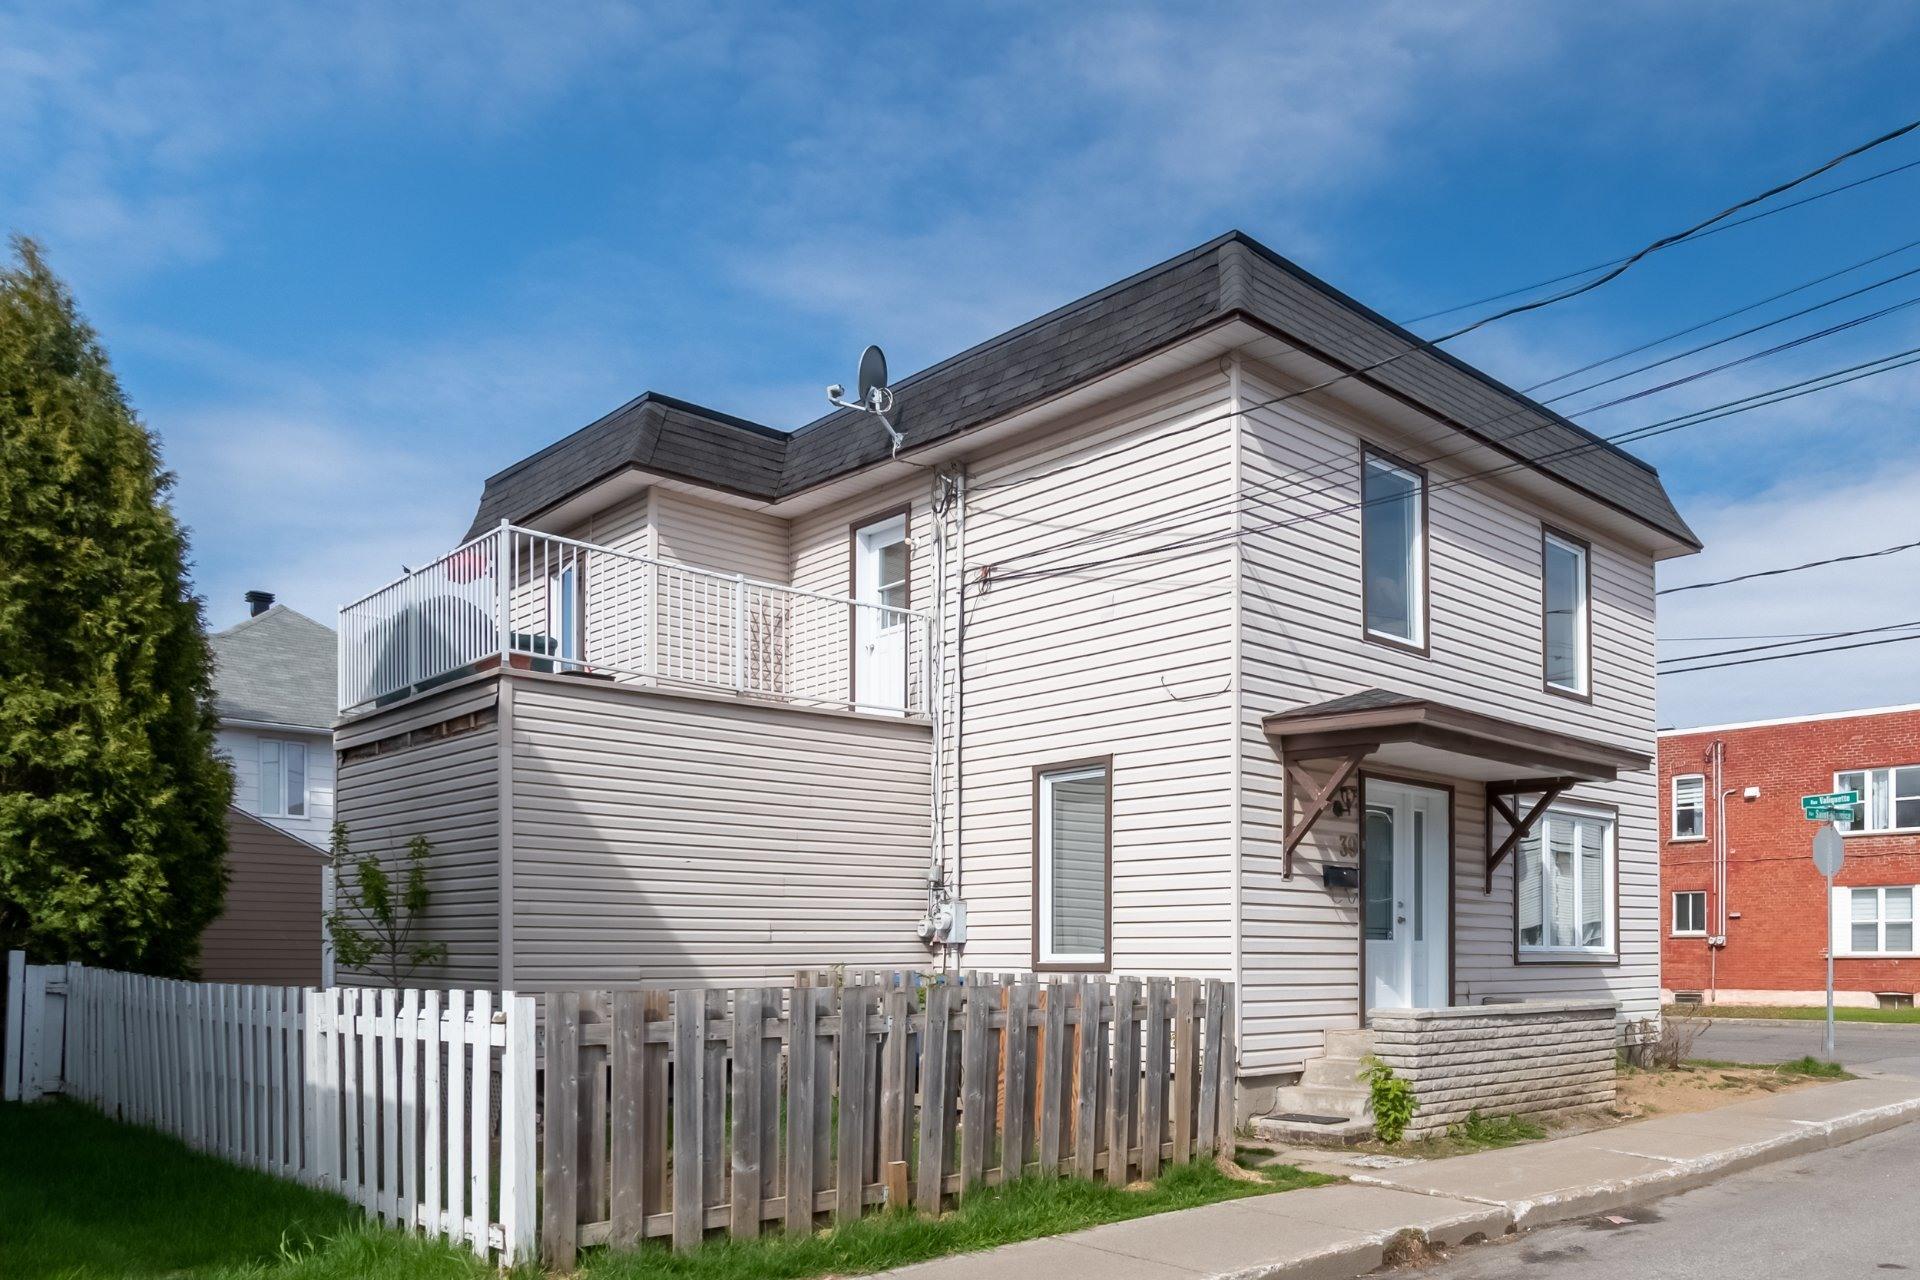 image 11 - Duplex À vendre Trois-Rivières - 4 pièces